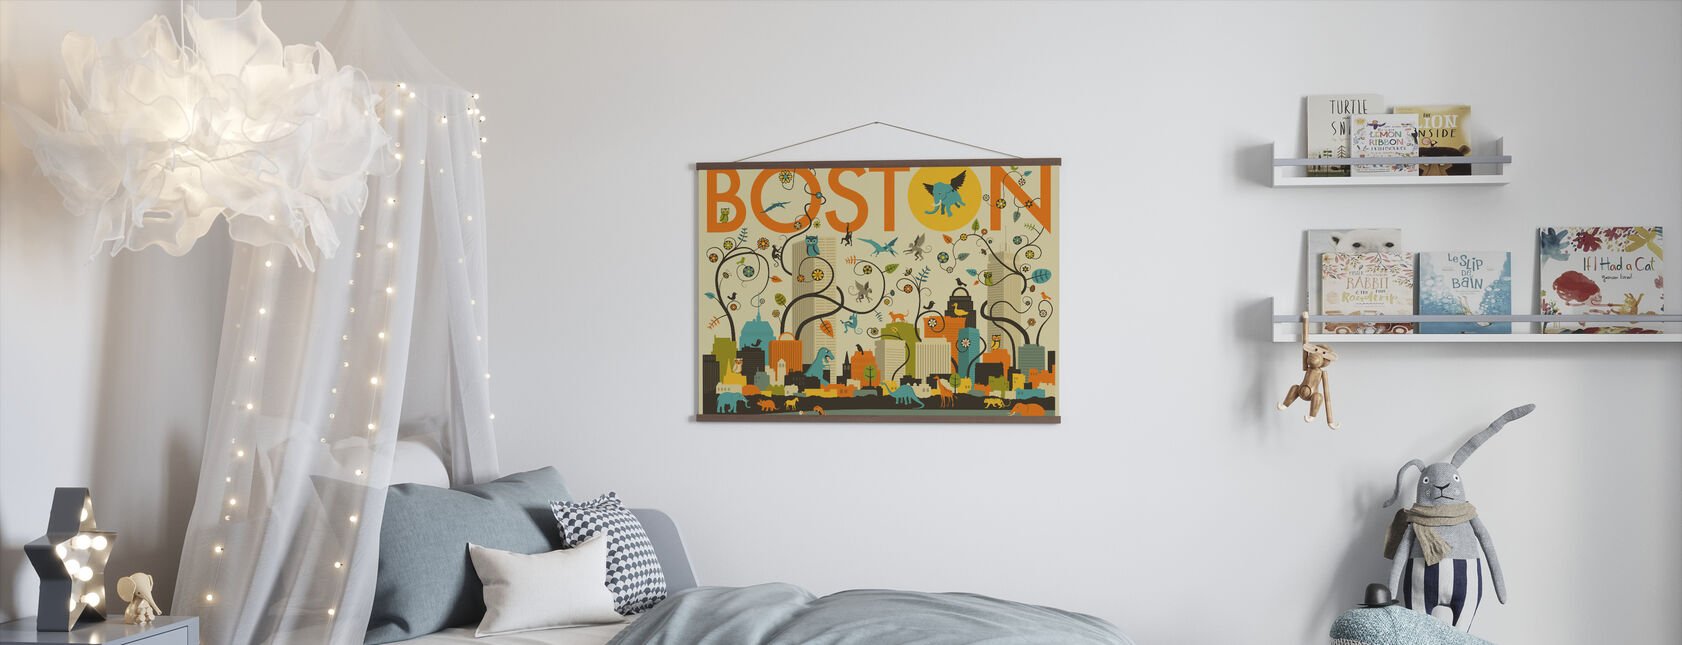 Boston Eläimet - Juliste - Lastenhuone